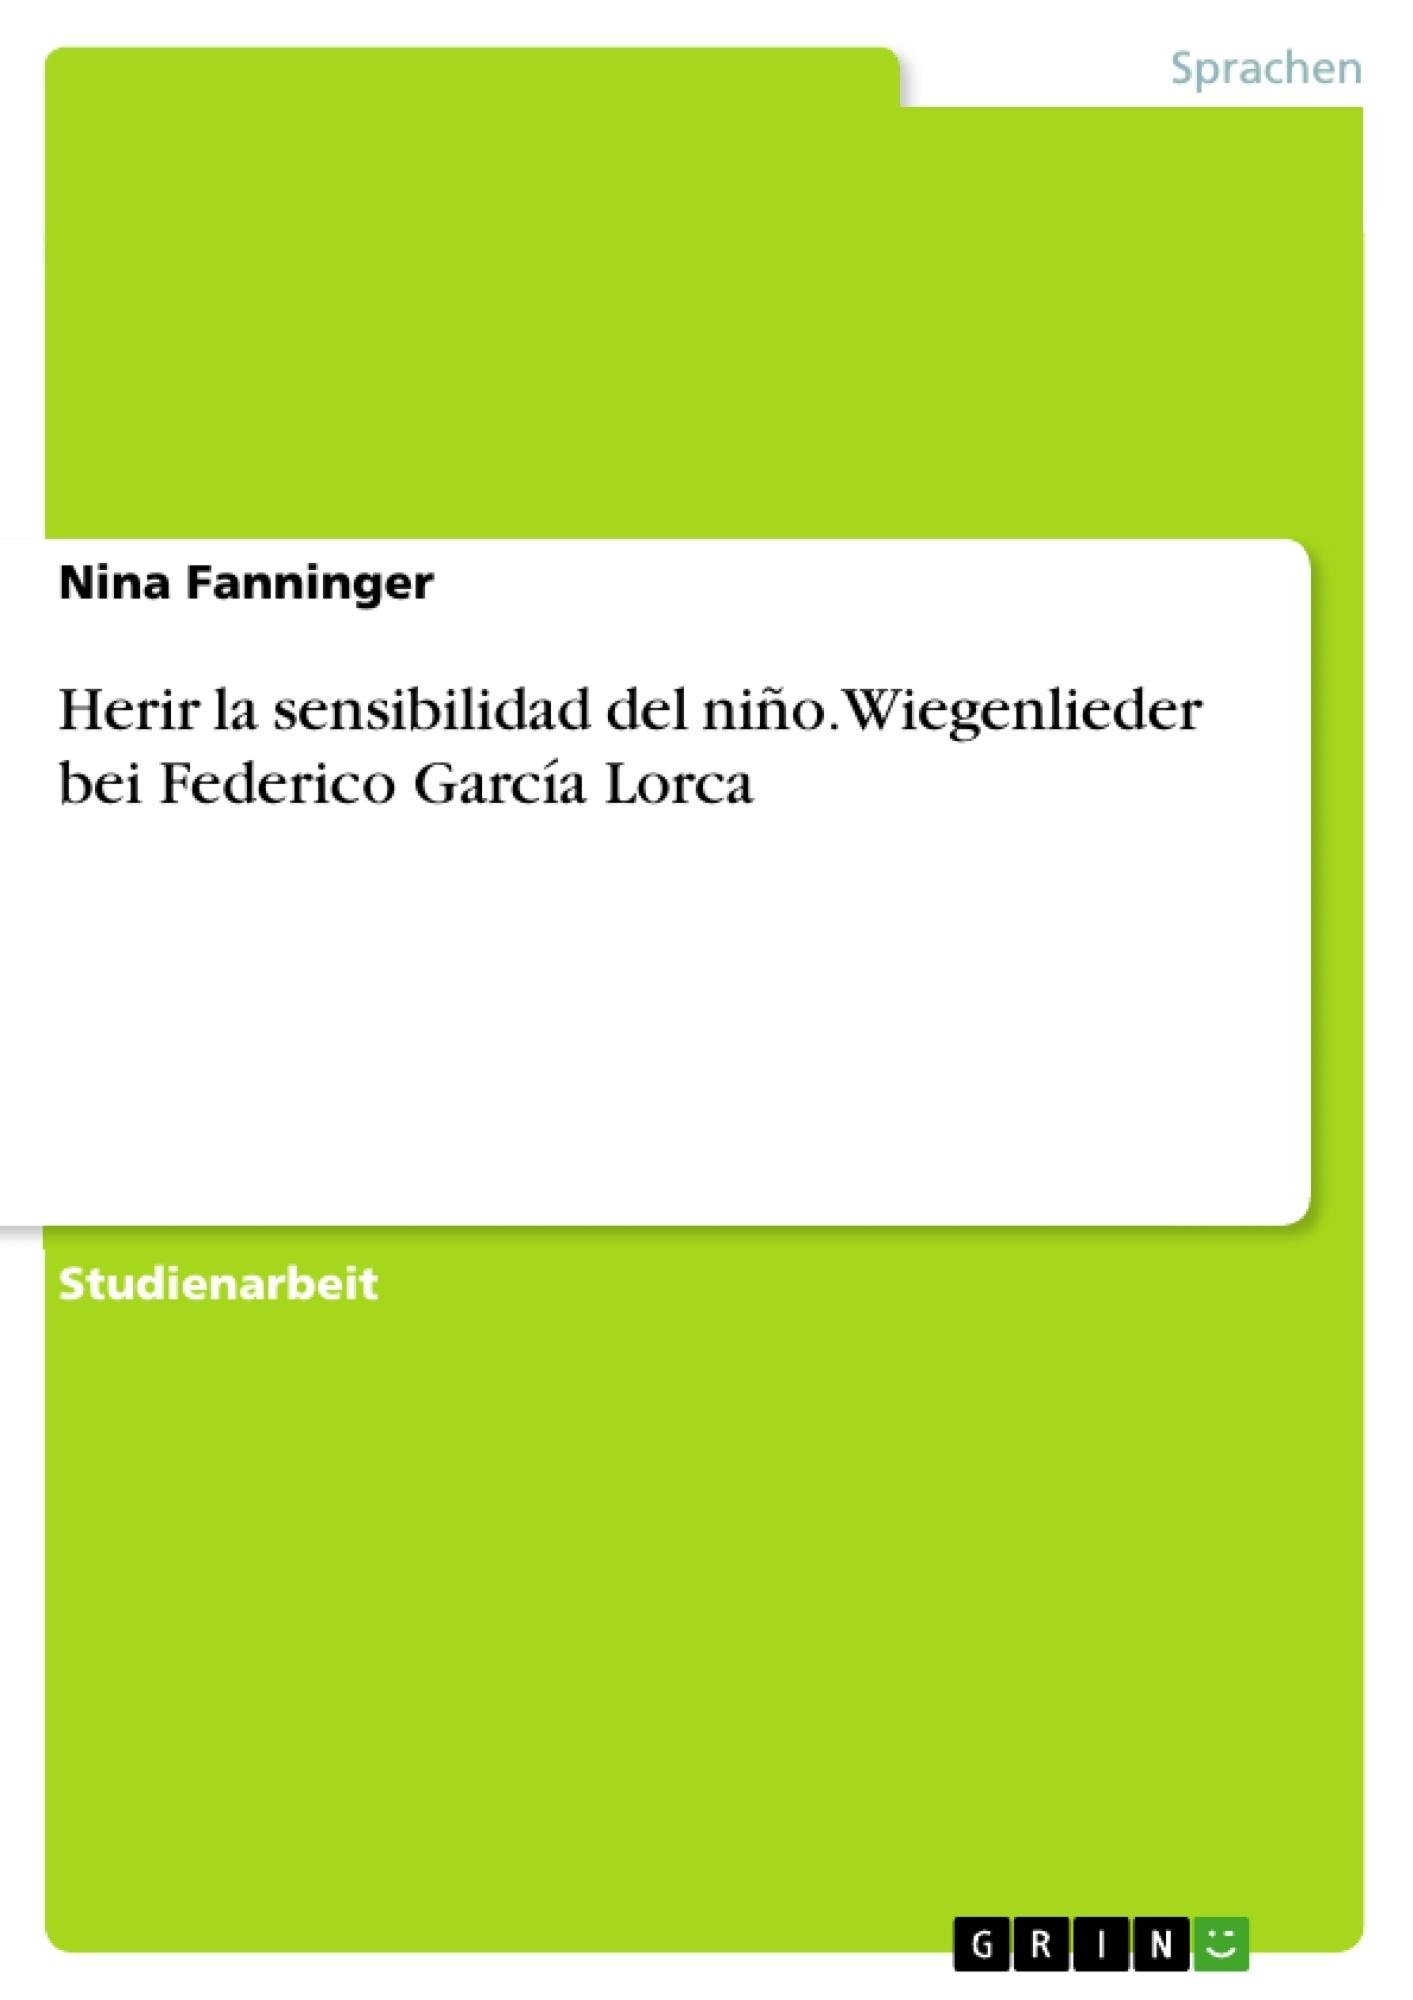 Titel: Herir la sensibilidad del niño. Wiegenlieder bei Federico García Lorca